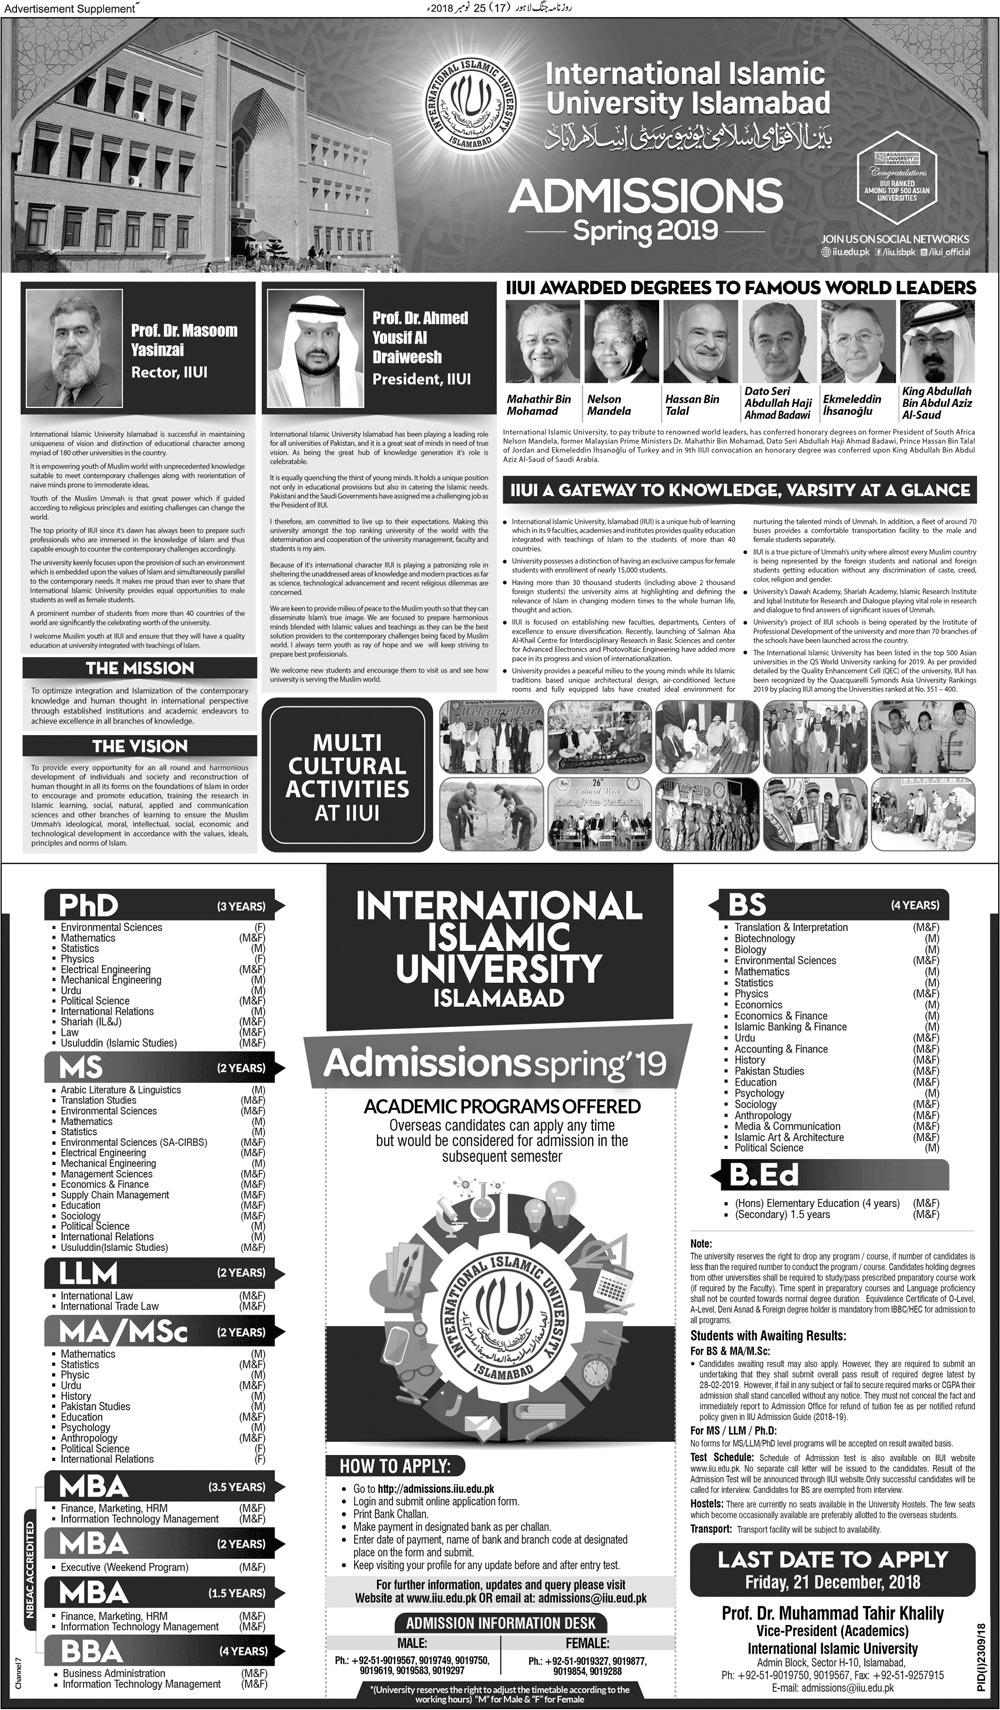 International Islamic University Islamabad Spring Admission 2019